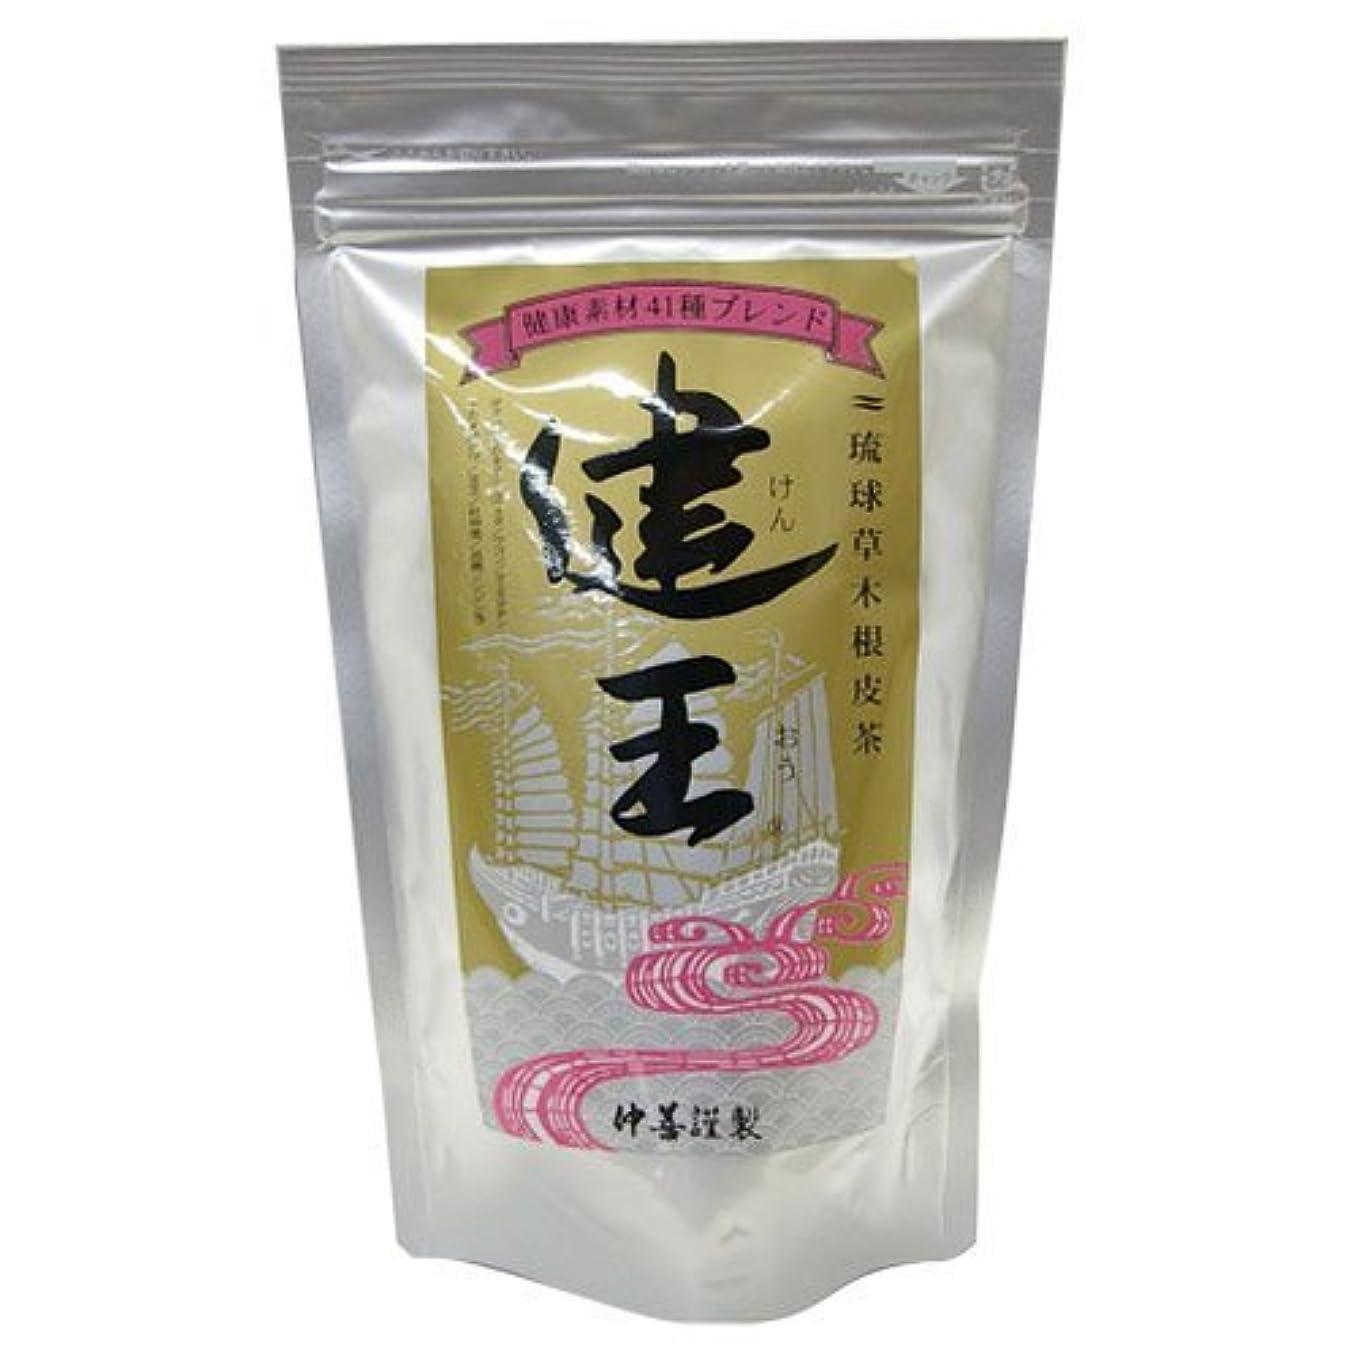 おなかがすいた続編俳優琉球草木根皮茶 健王 ティーバッグ 2g×30包